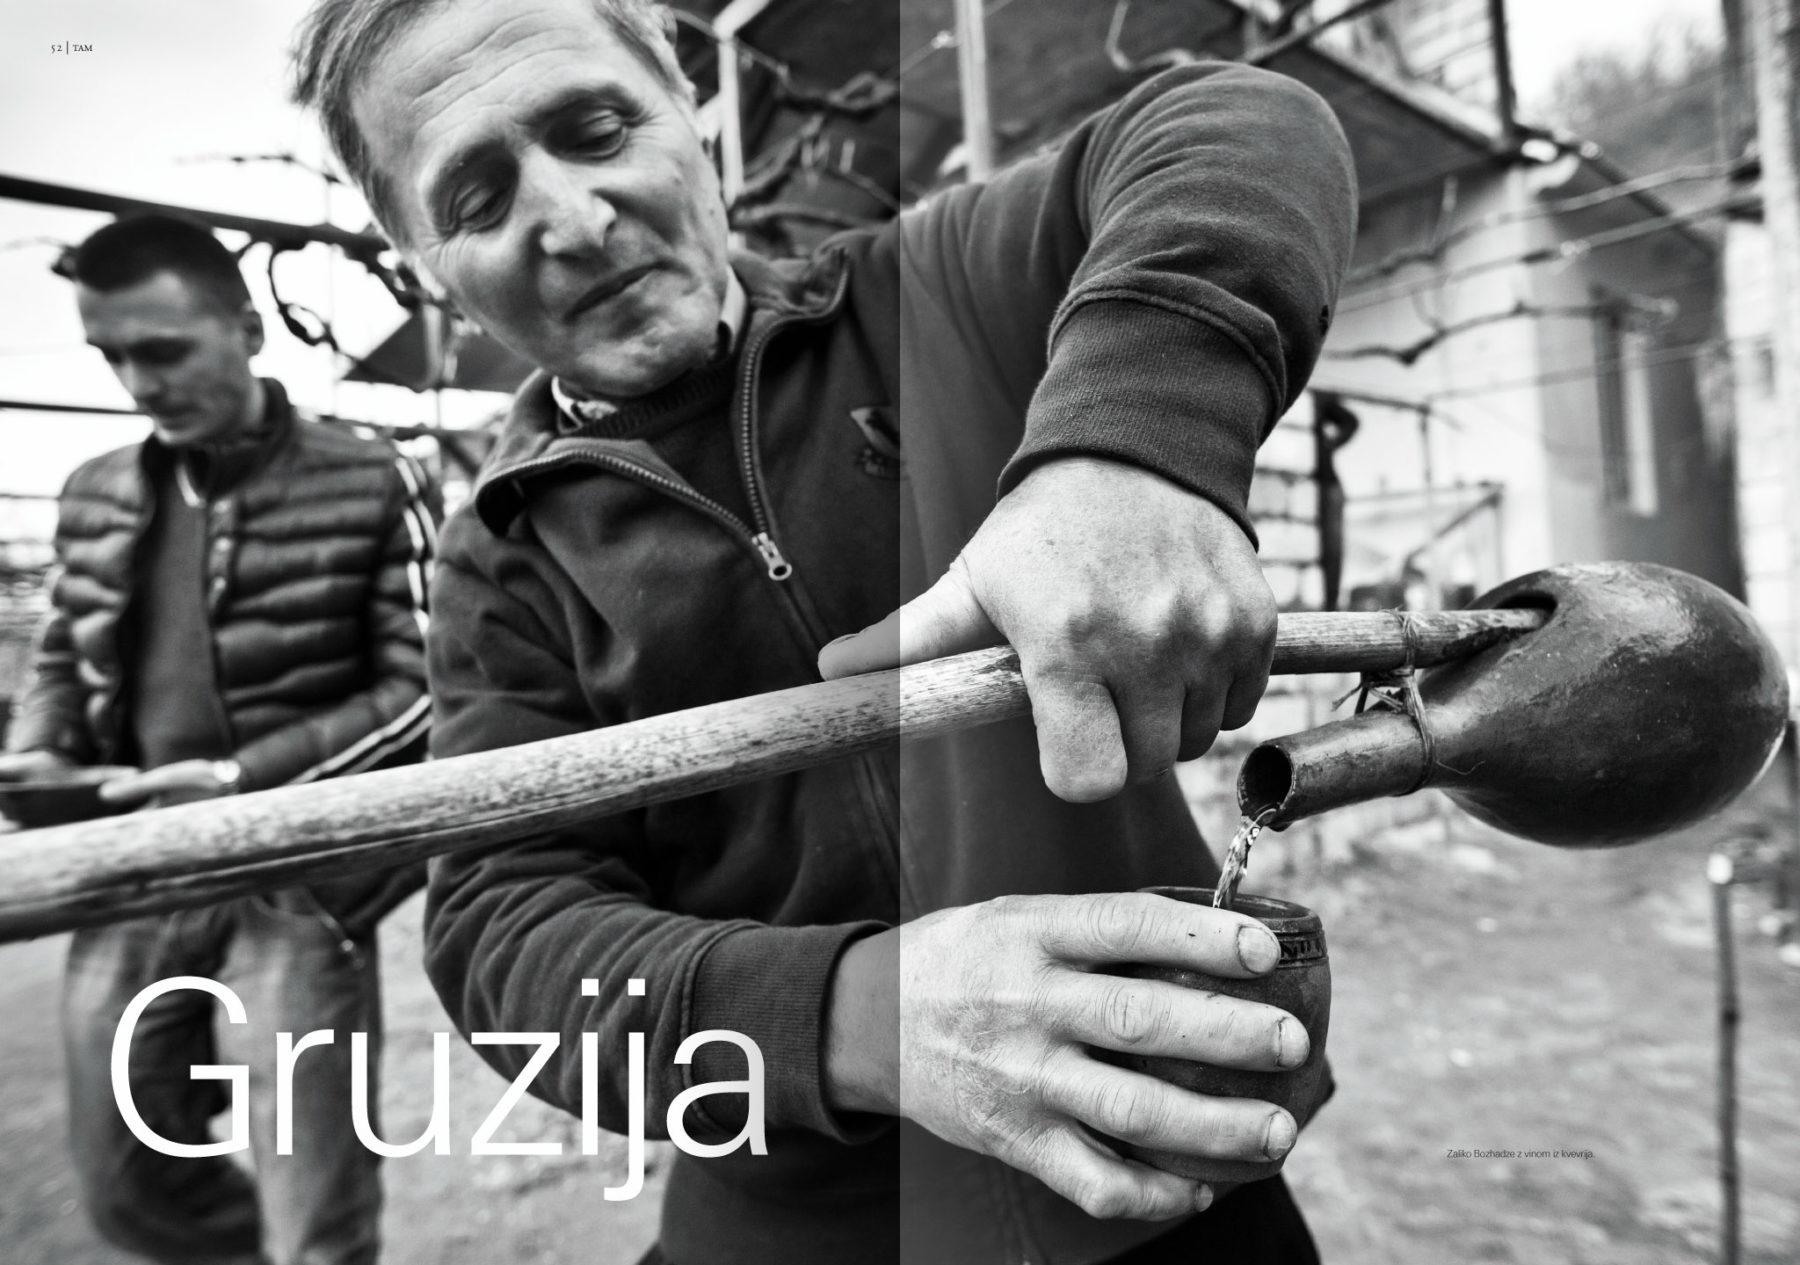 Revija Vino, poletje 2014strani 52 in 53 - uvodne strani članka Gruzija· Naročnik: Revija Vino · Fotografija za članek: Marijan Močivnik · 2014 ·